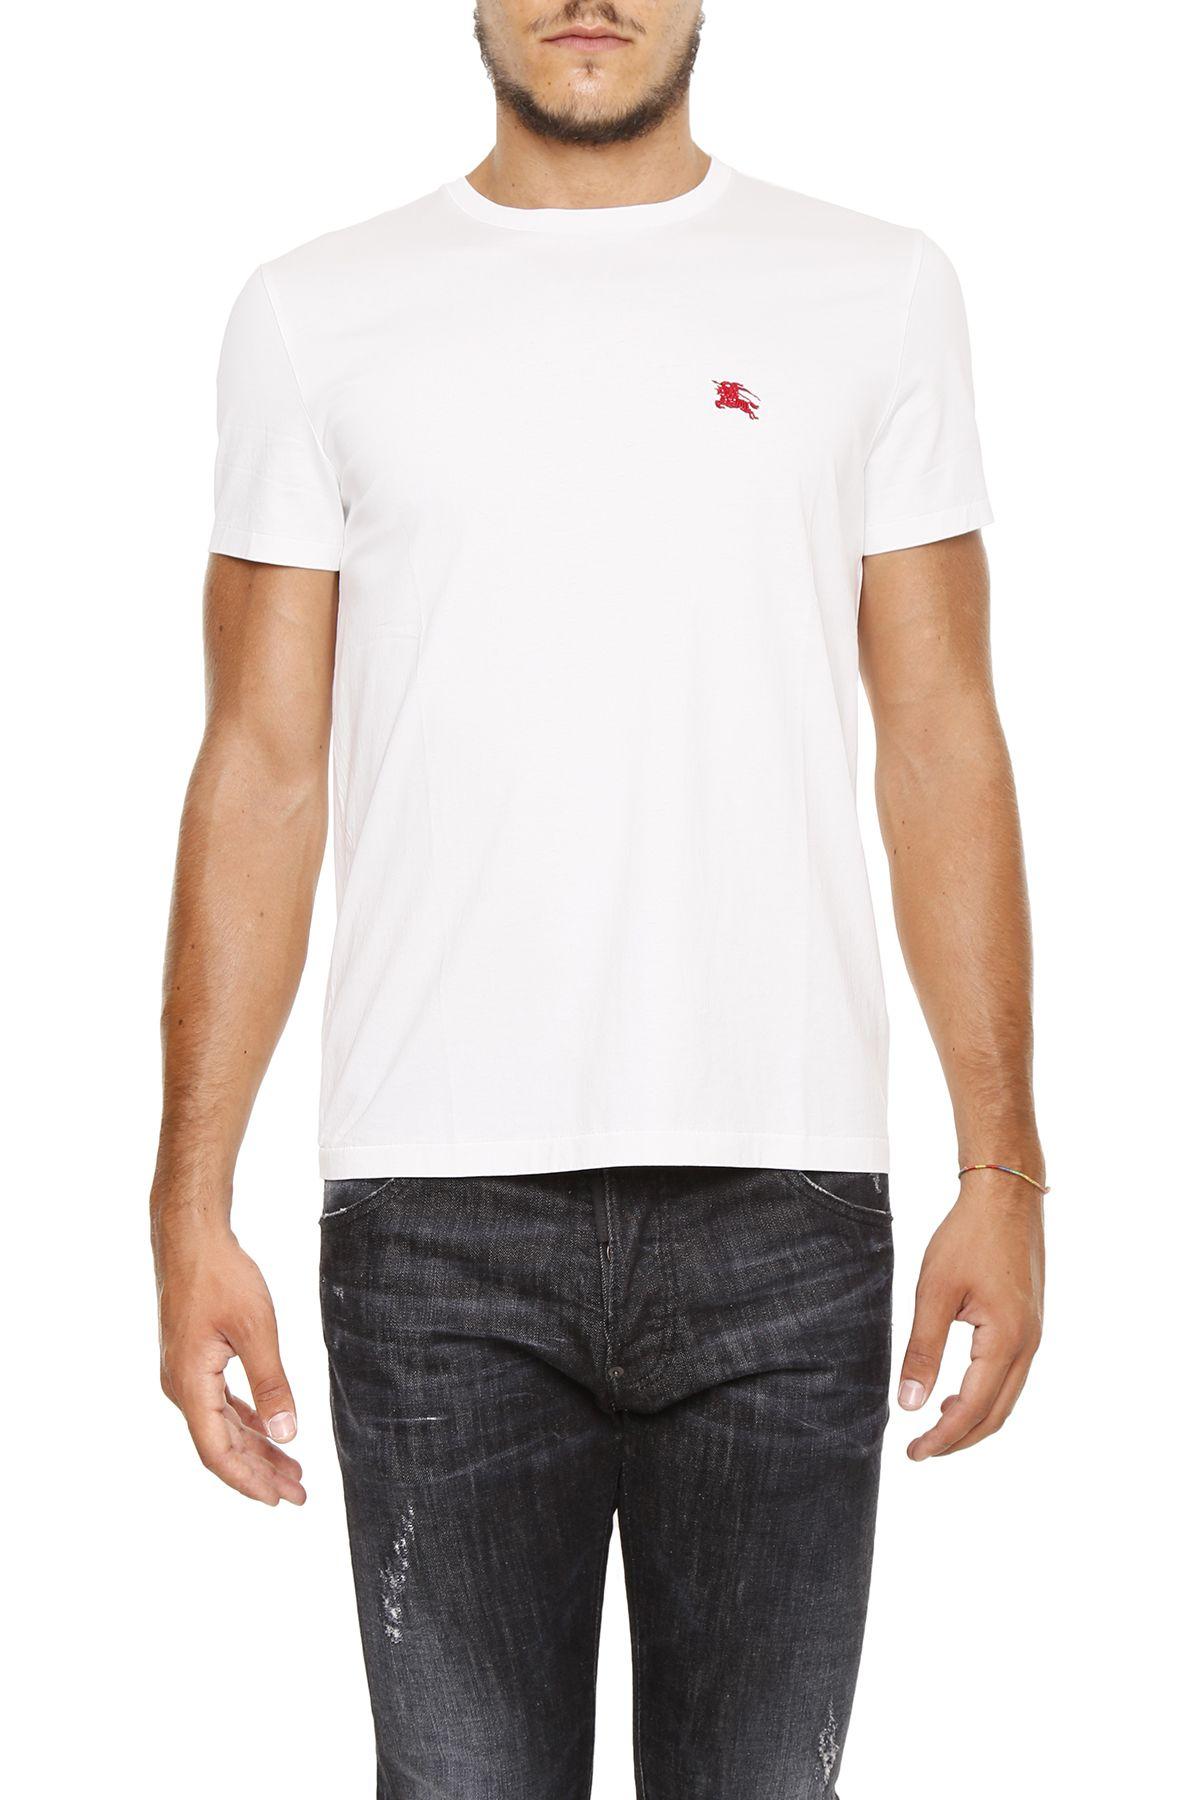 Tunworth T-shirt